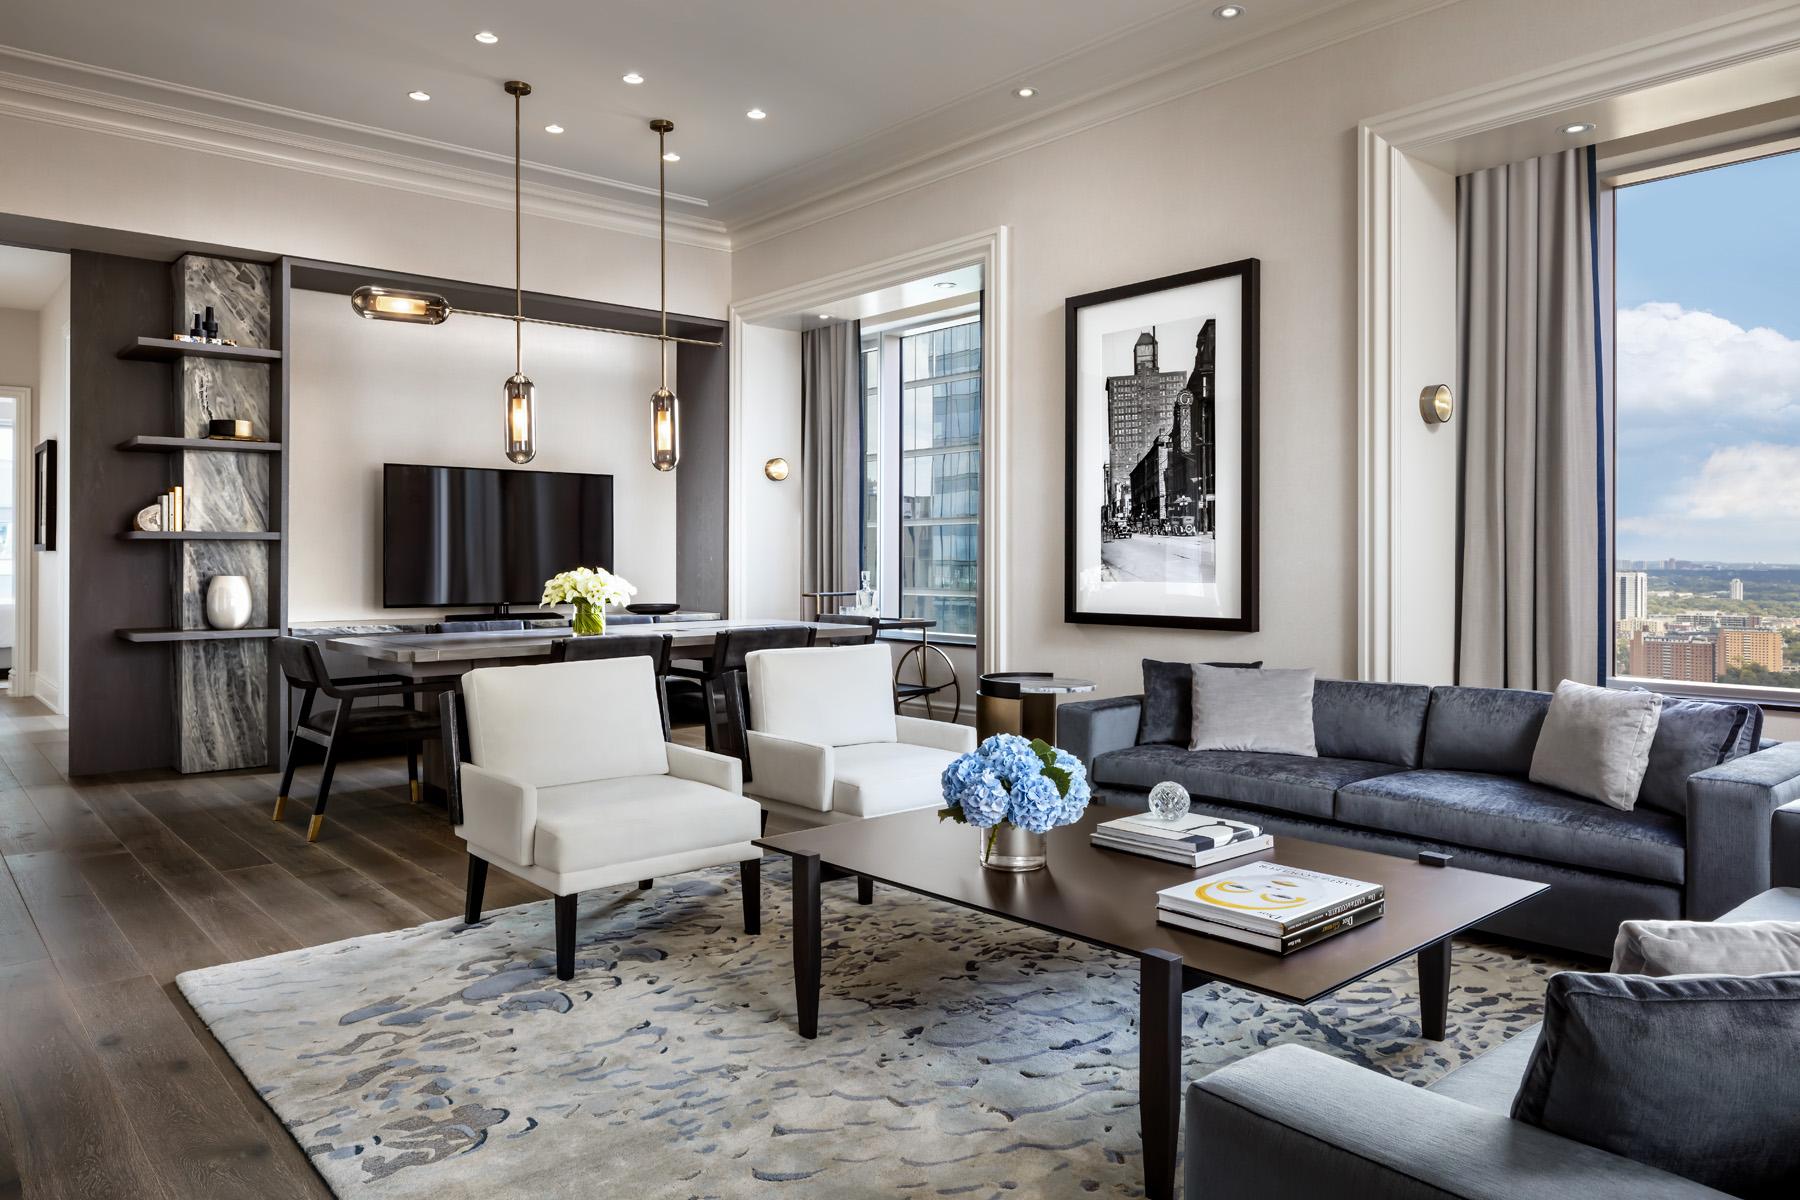 St Regis Hotel Toronto Suite